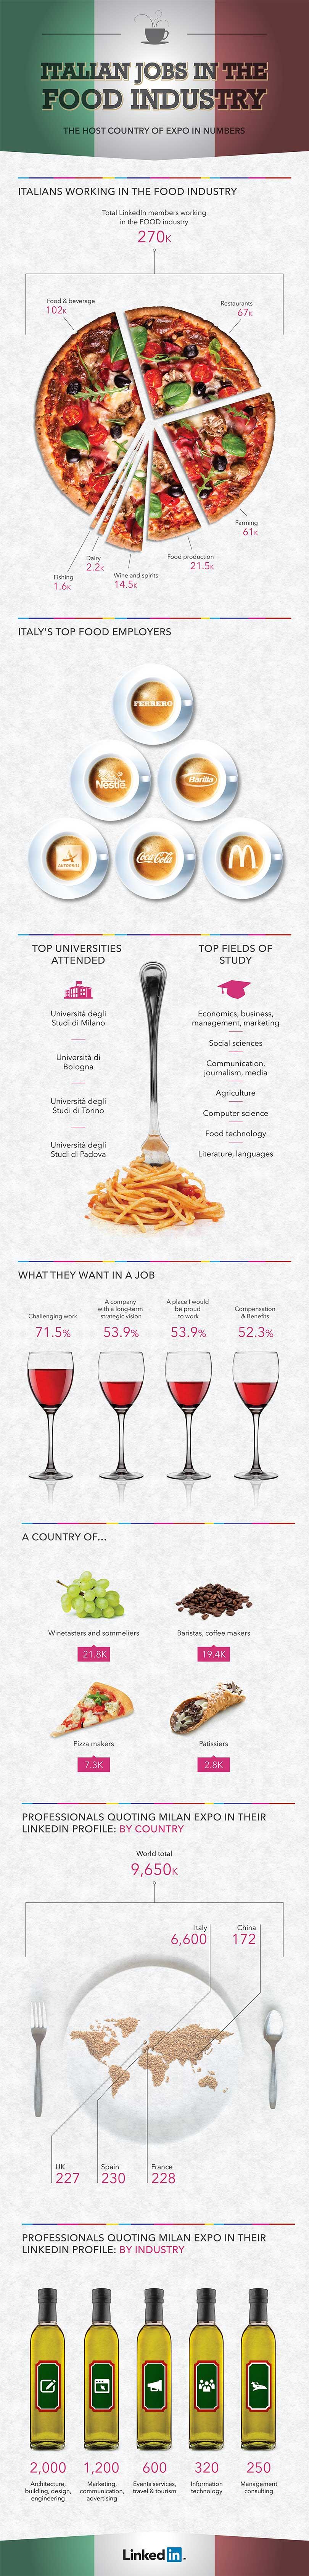 Food e Lavoro in Italia